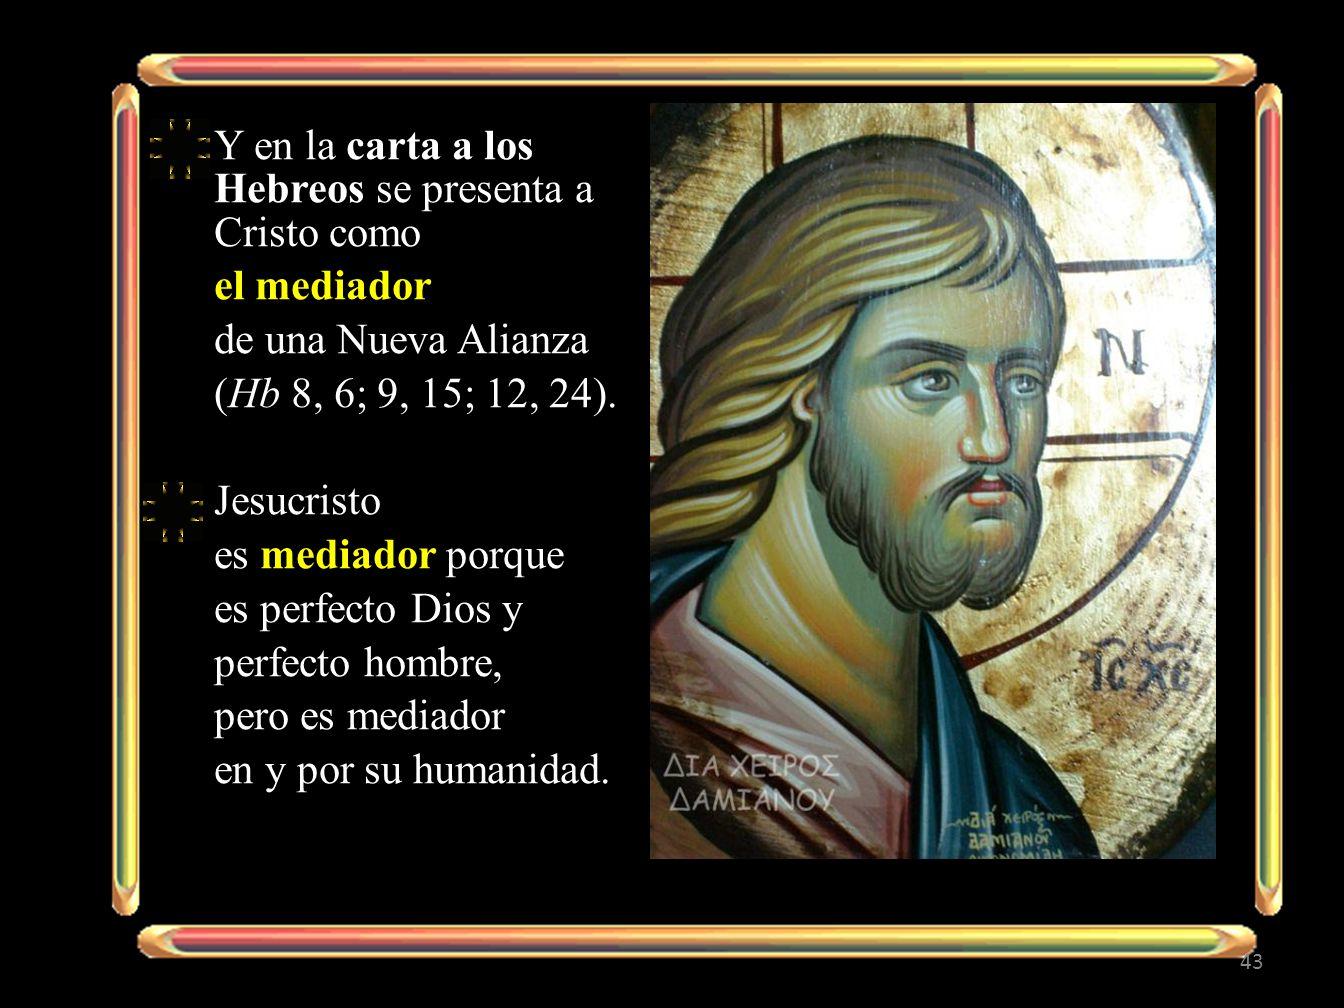 Y en la carta a los Hebreos se presenta a Cristo como el mediador de una Nueva Alianza (Hb 8, 6; 9, 15; 12, 24).